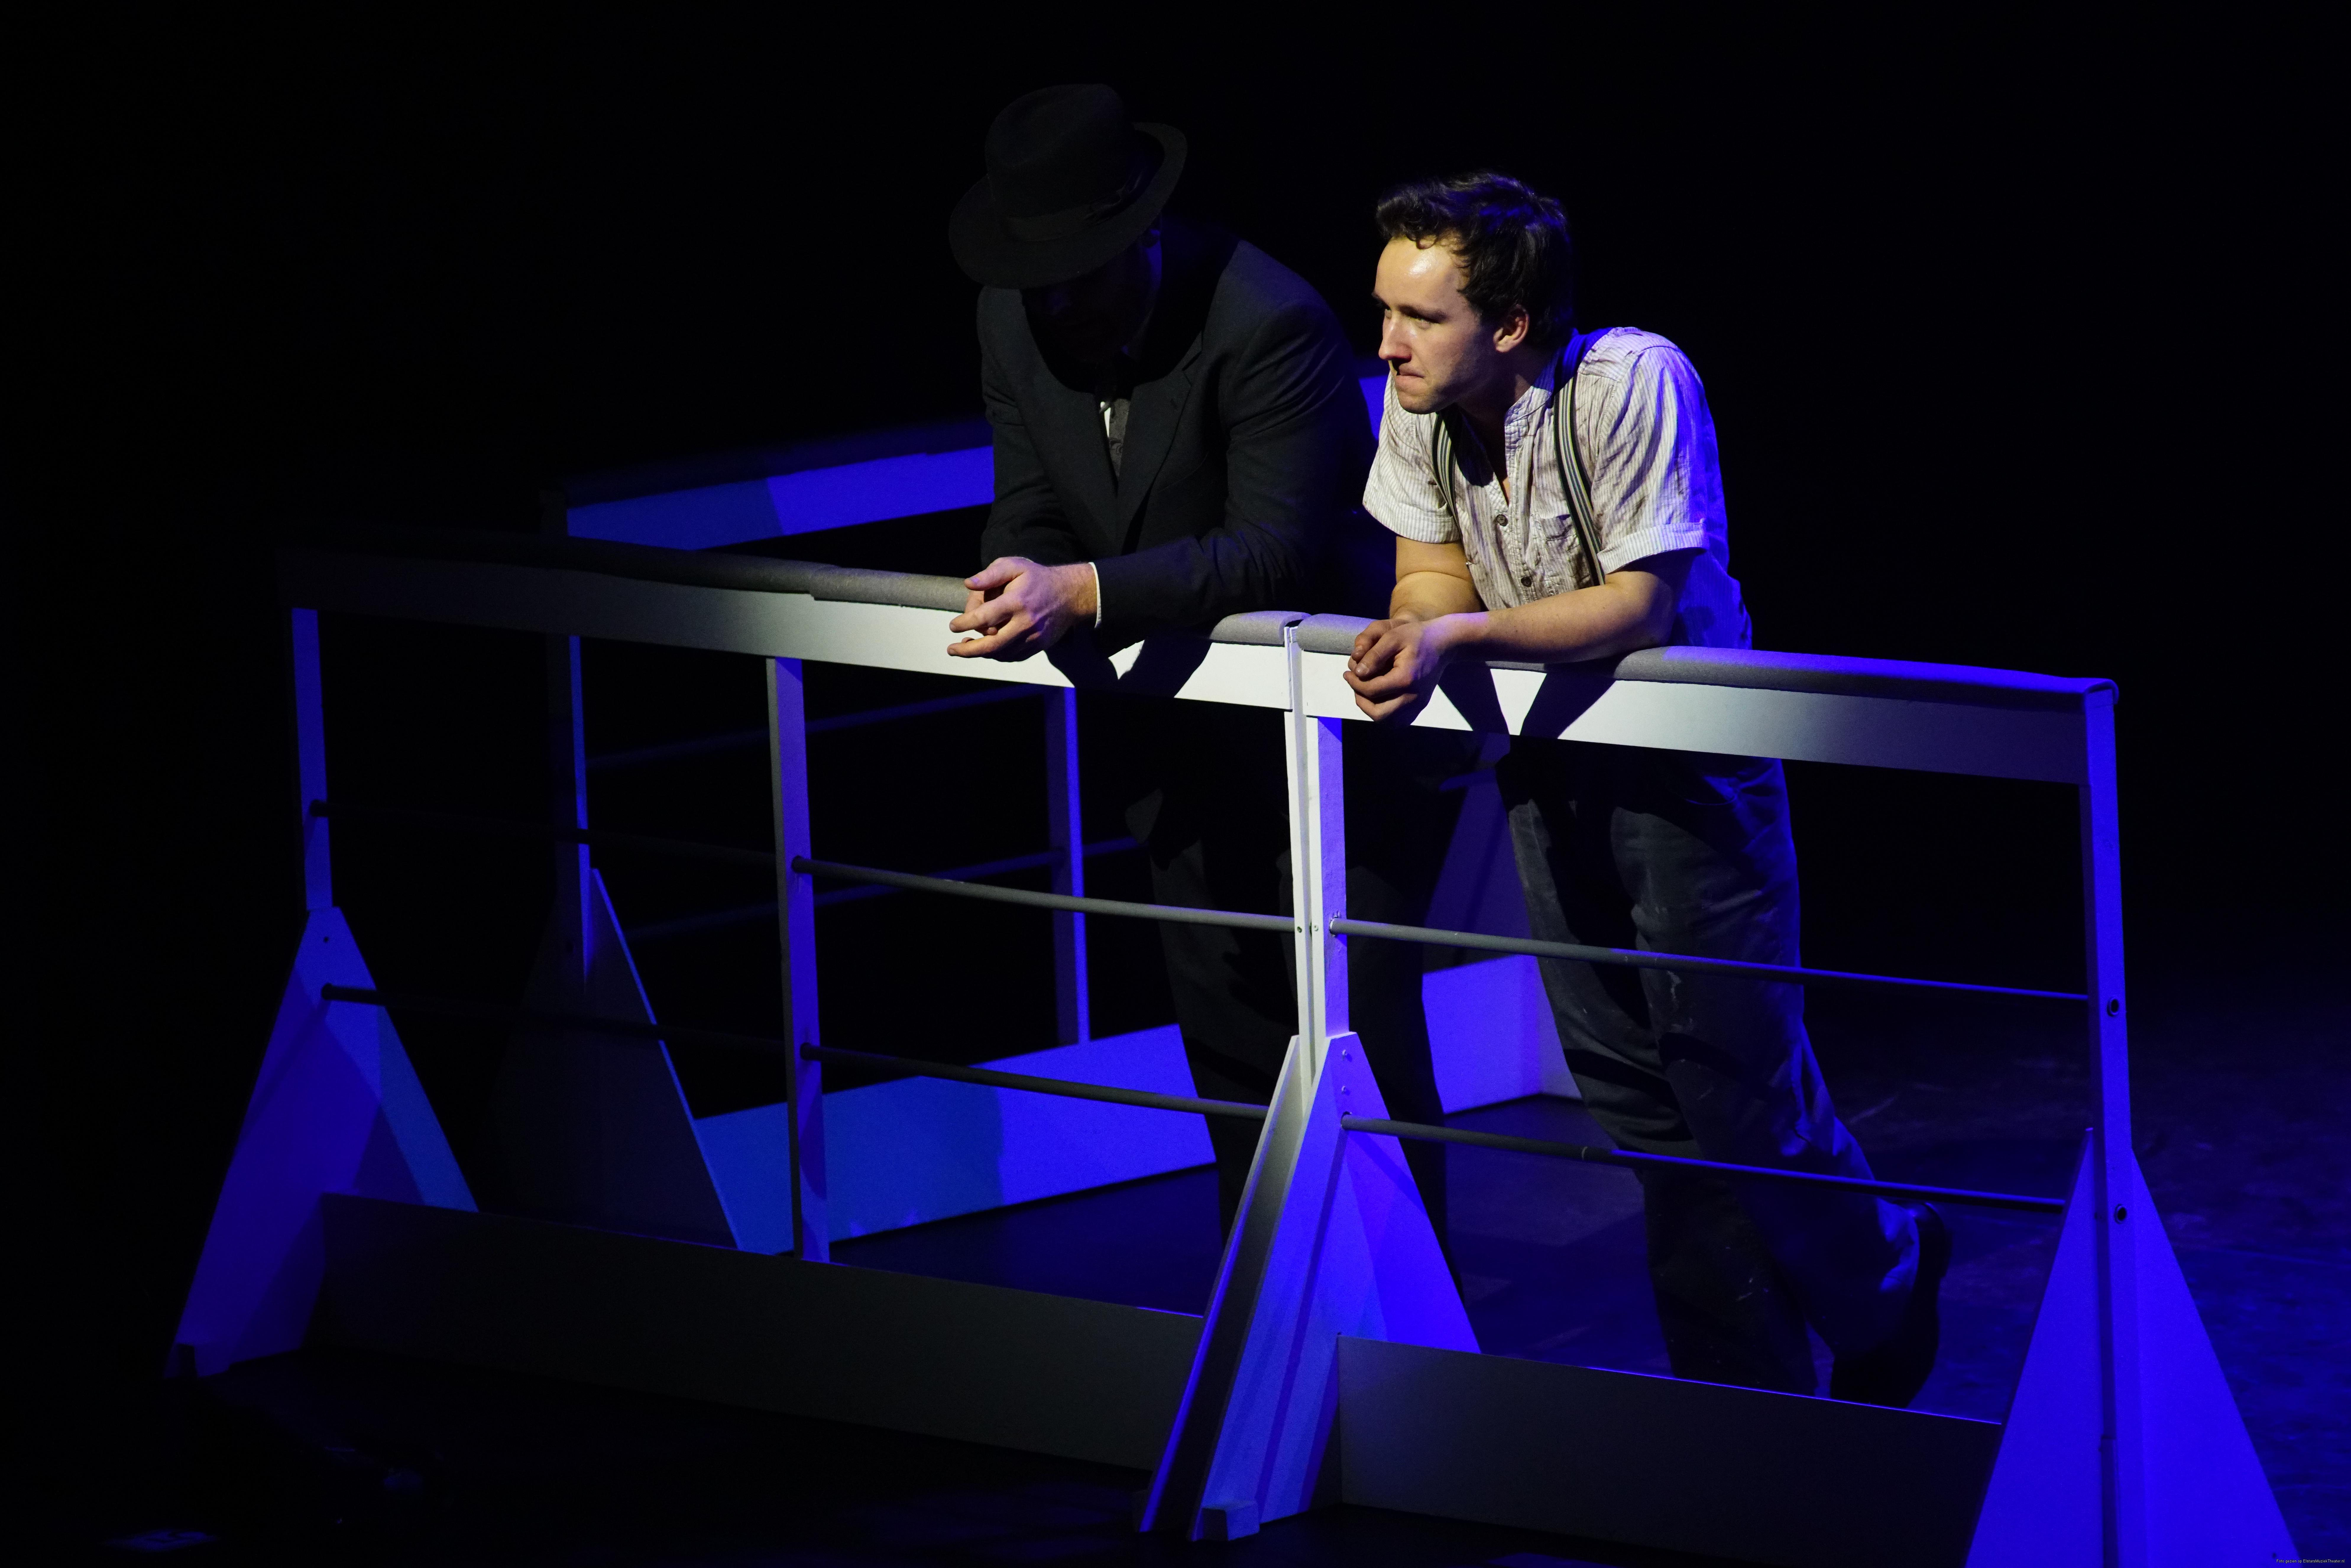 EMT Titanic voorstellingen Donald Schalk-0631.jpg